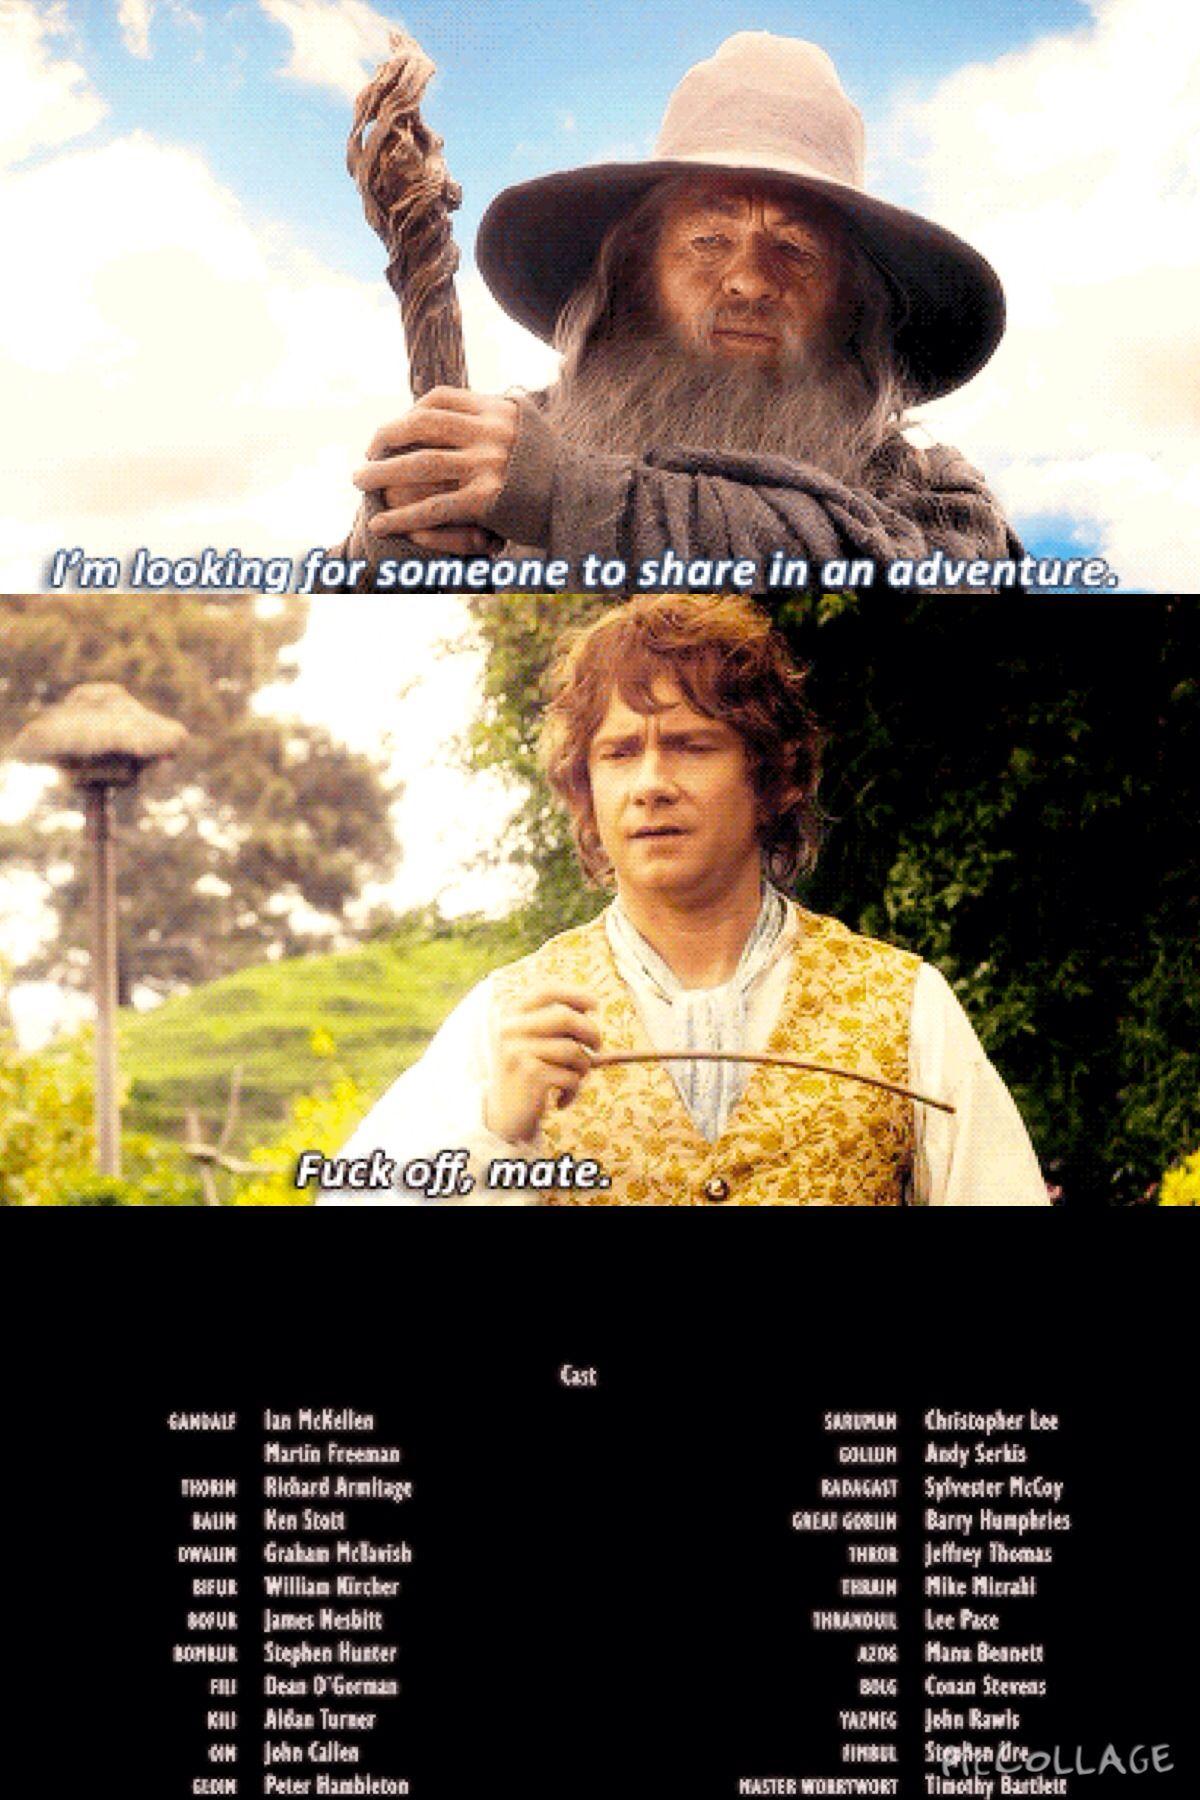 Hahahahaha #hobbit #bilbo #gandalf #lol